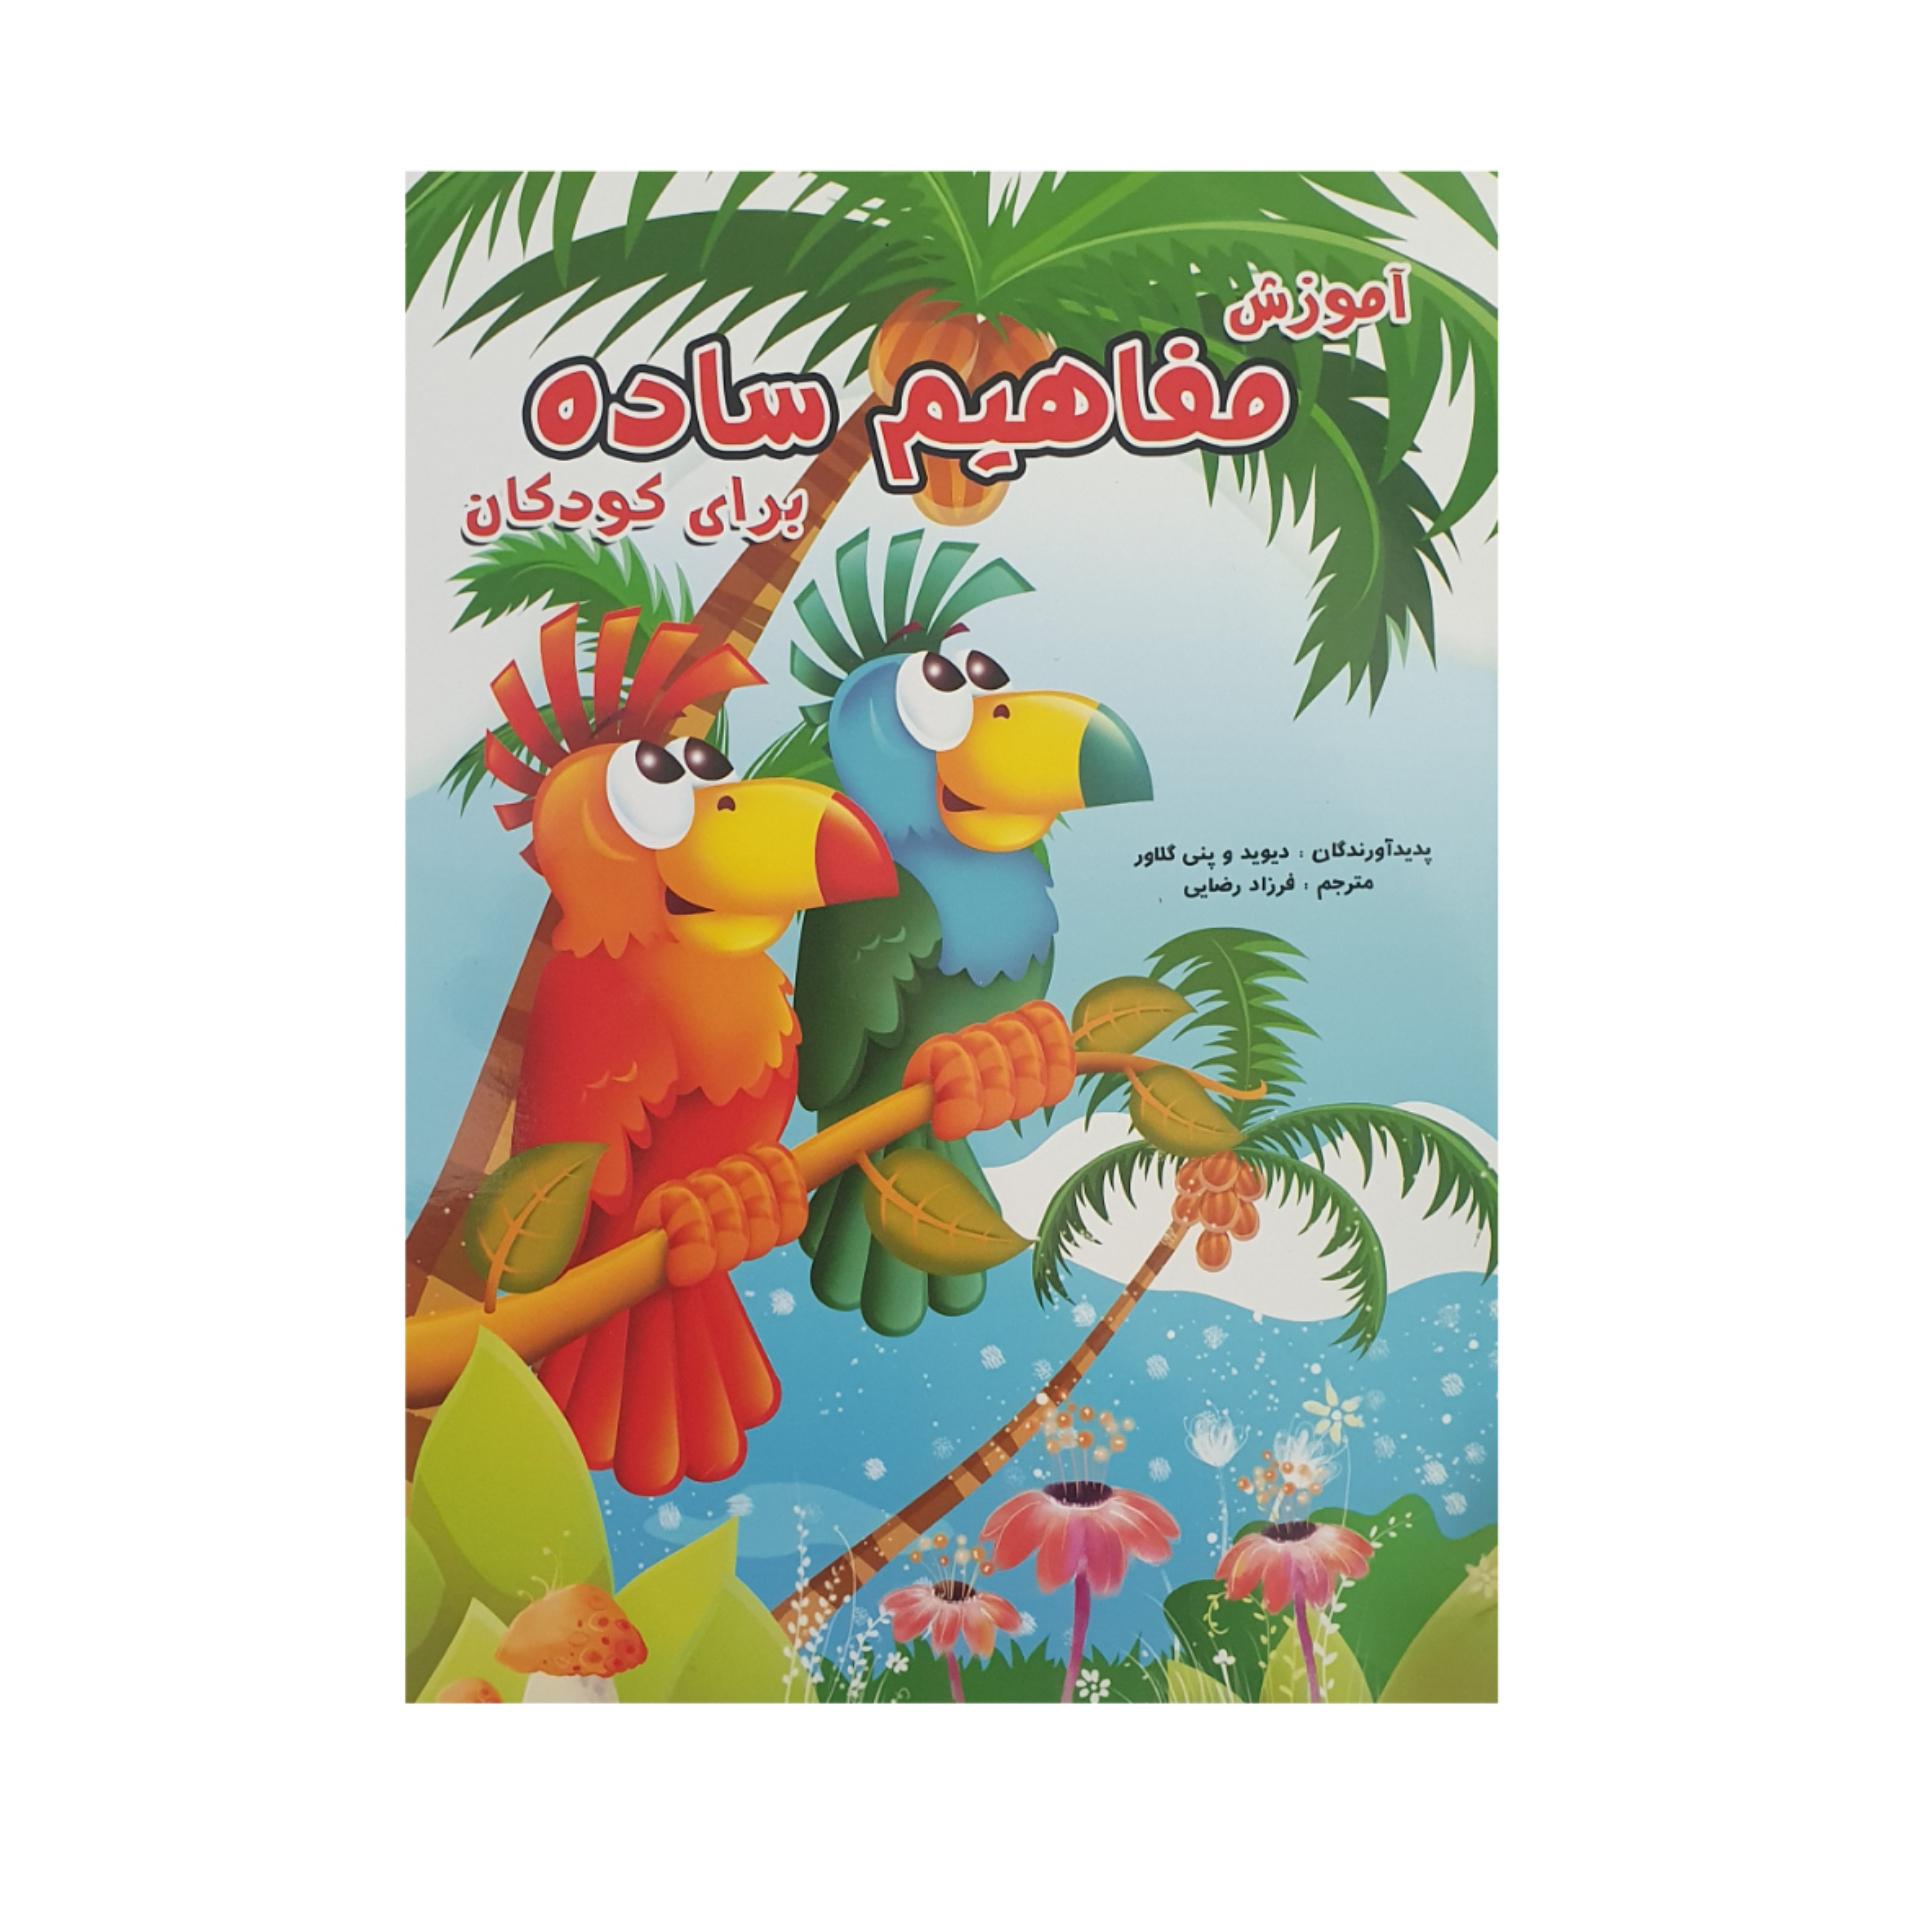 کتاب آموزش مفاهیم ساده برای کودکان اثر دیوید و پنی گلاور نشر آبشن